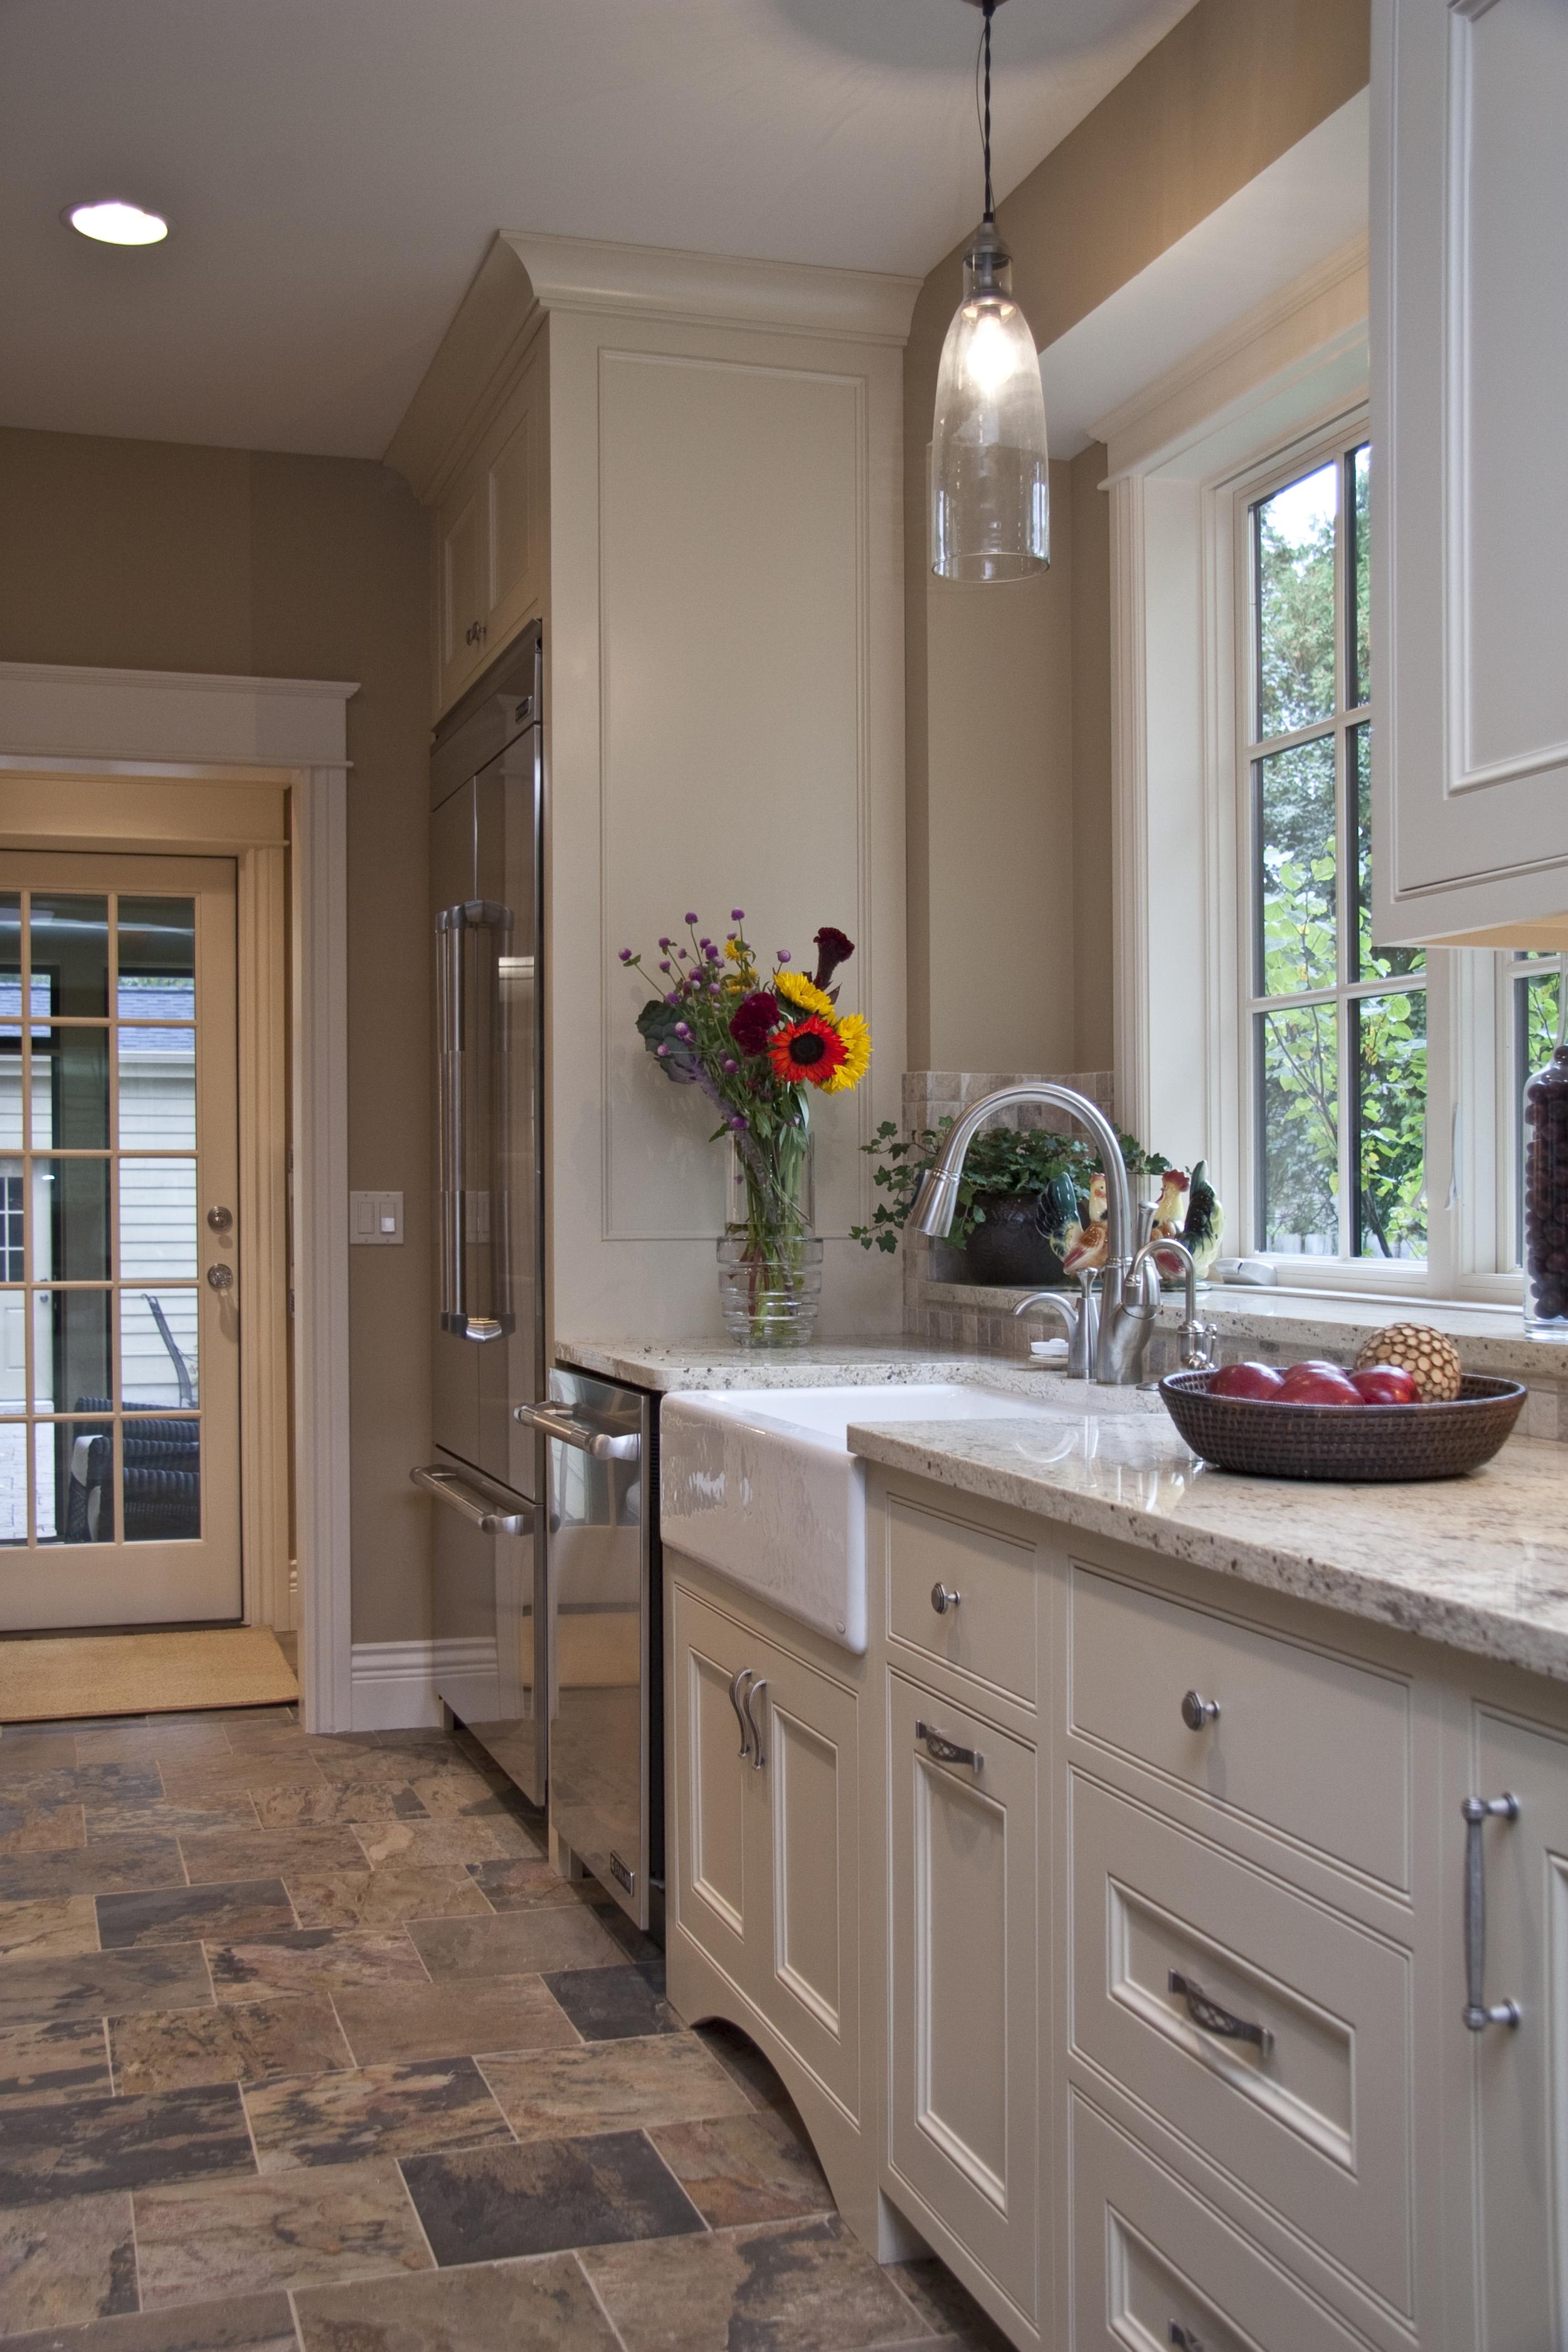 kitchen sink_IMG_3011-1.jpg